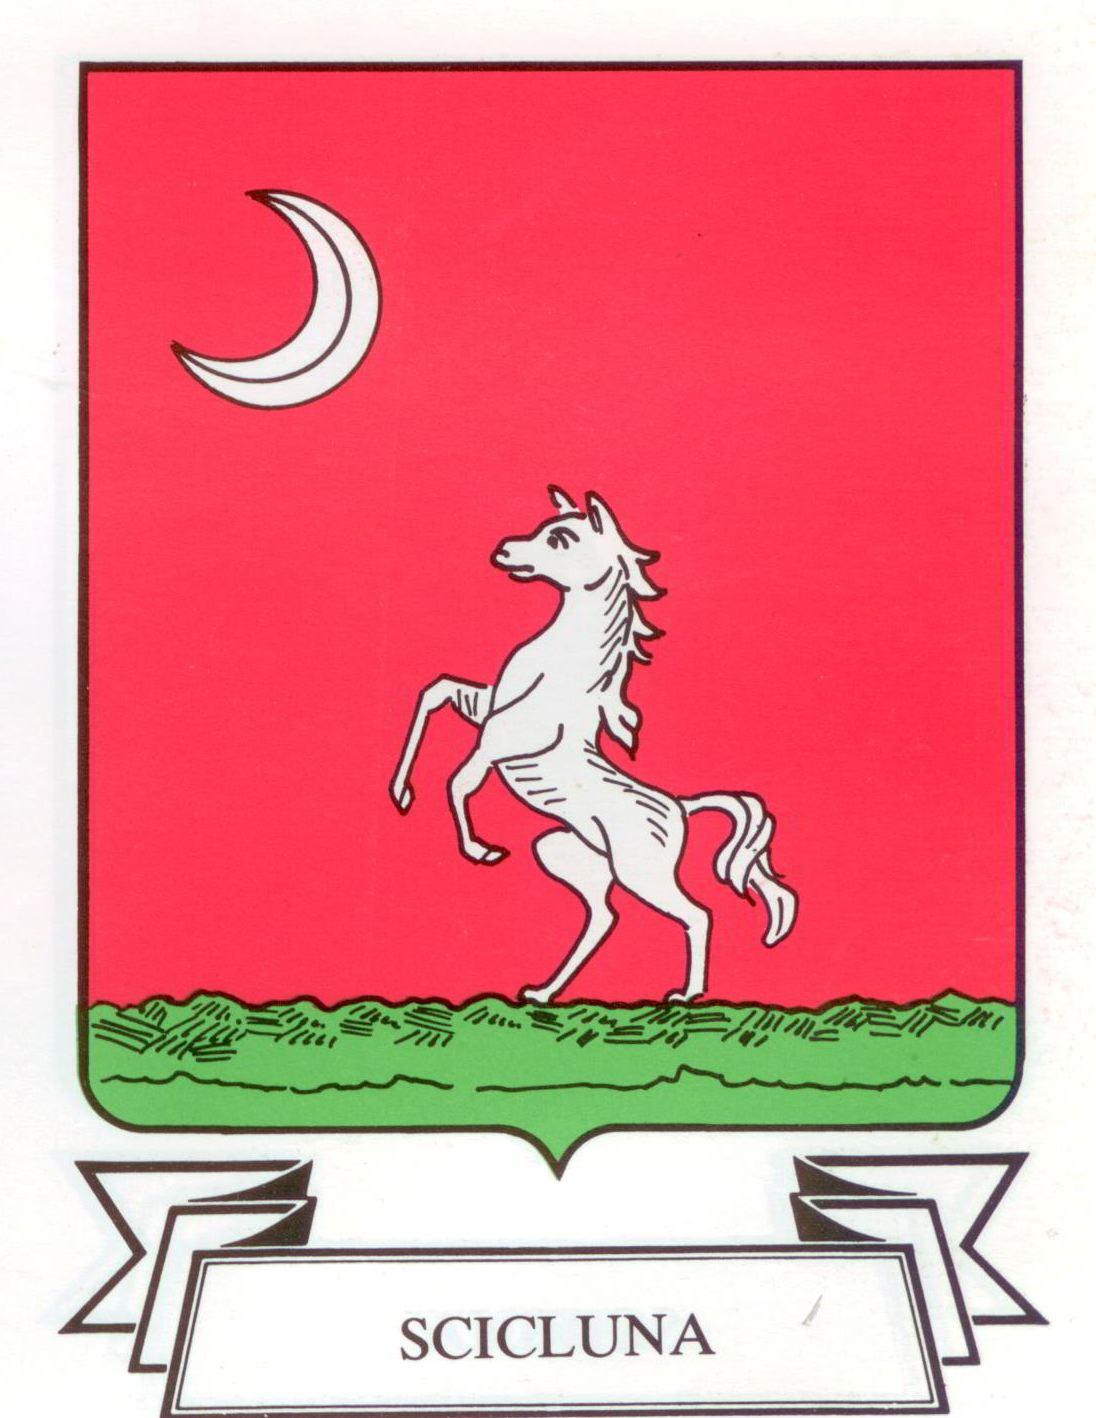 Damiano Xicluna